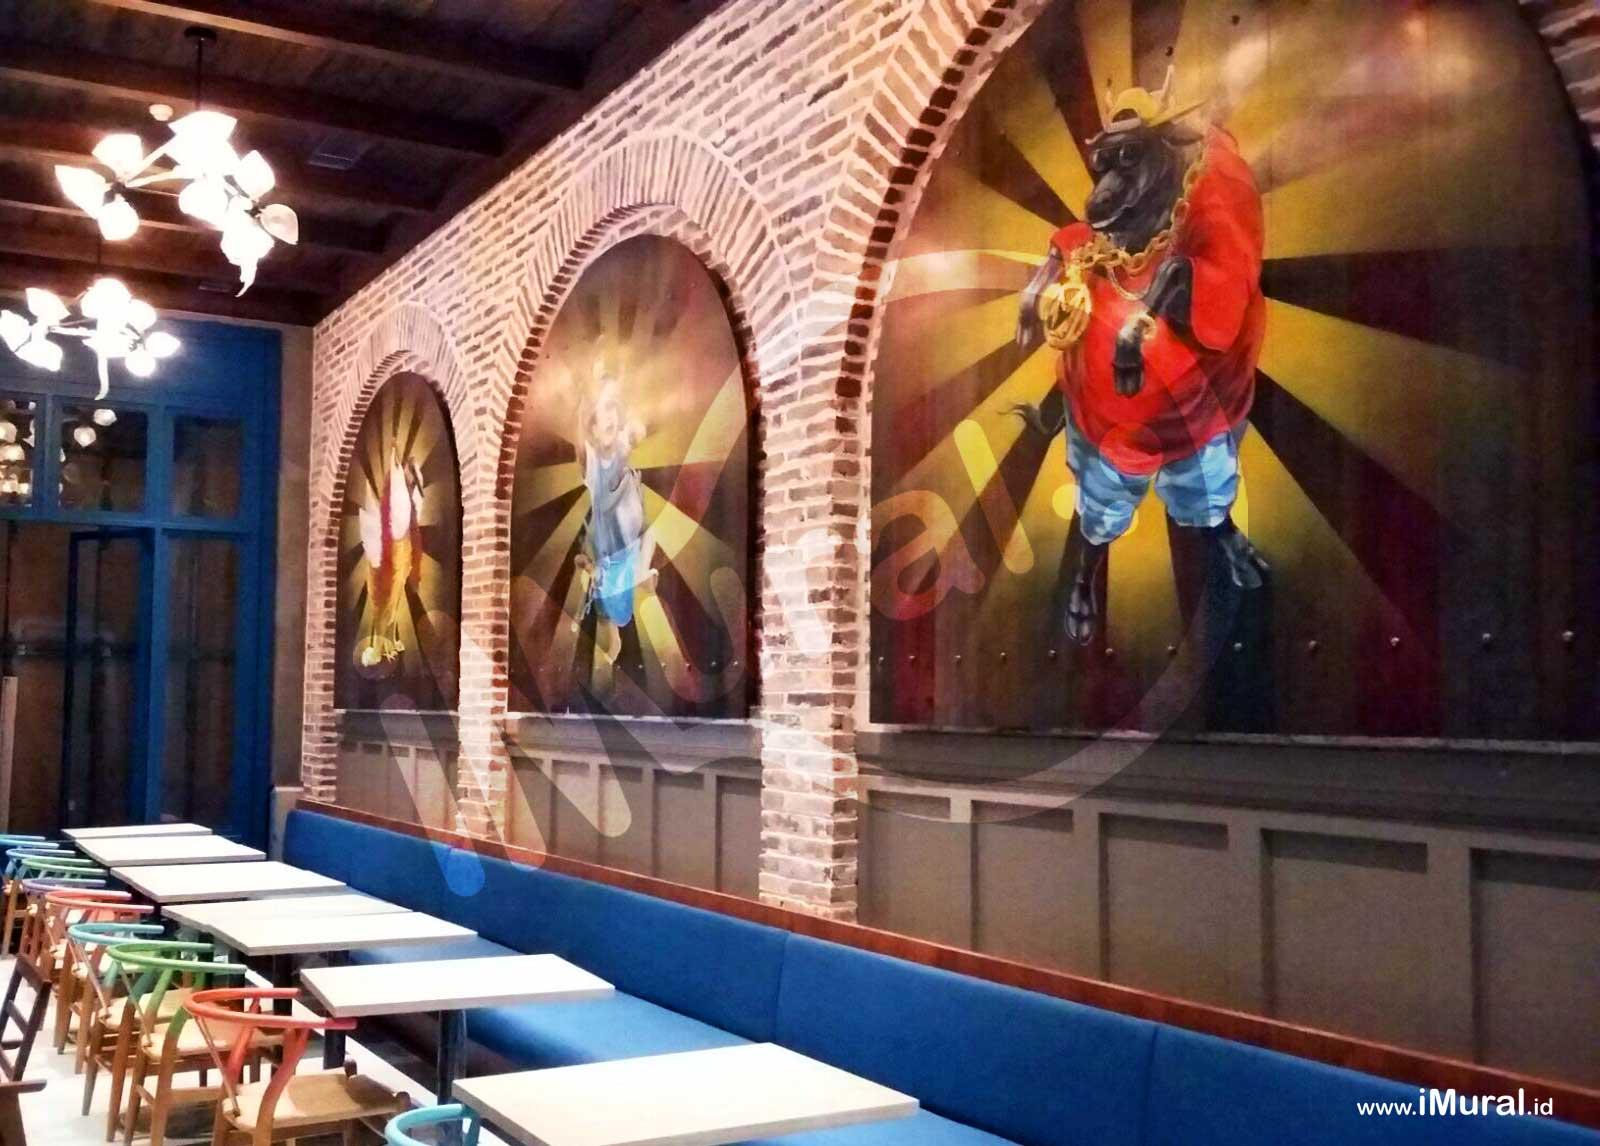 Marco Padang Pacific Place, Restoran Padang Dengan Dekorasi Interior Yang Unik